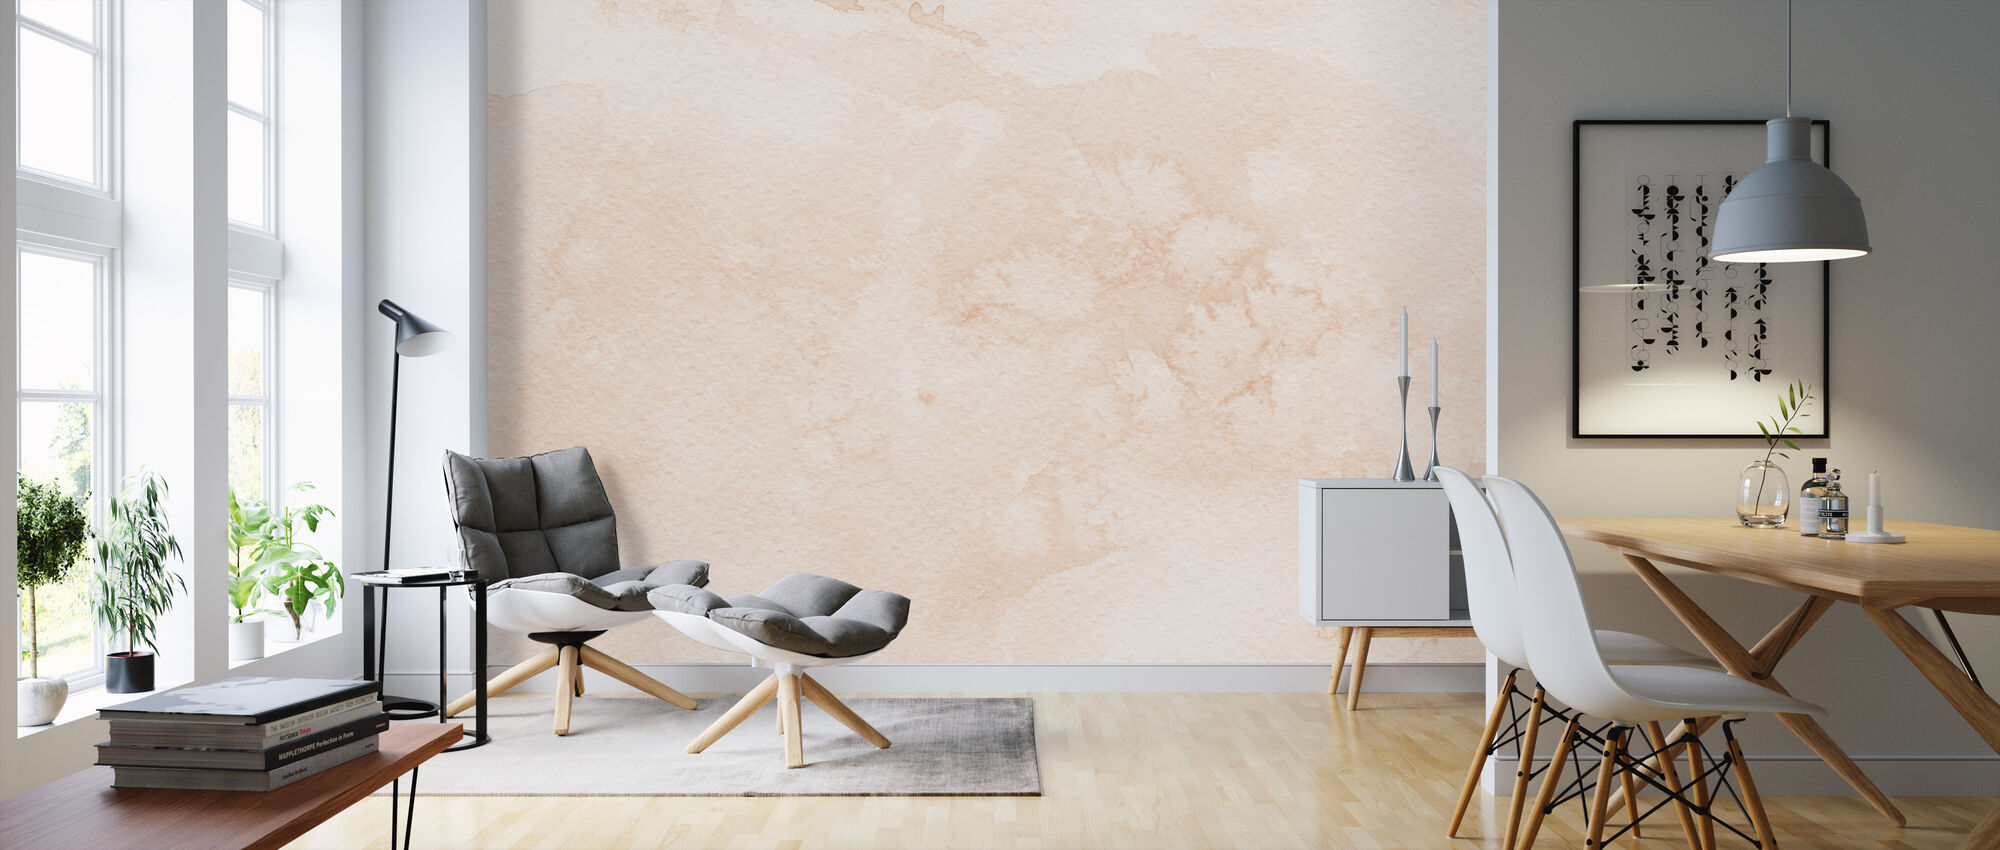 Watercolor Minimalism I - Wallpaper - Living Room